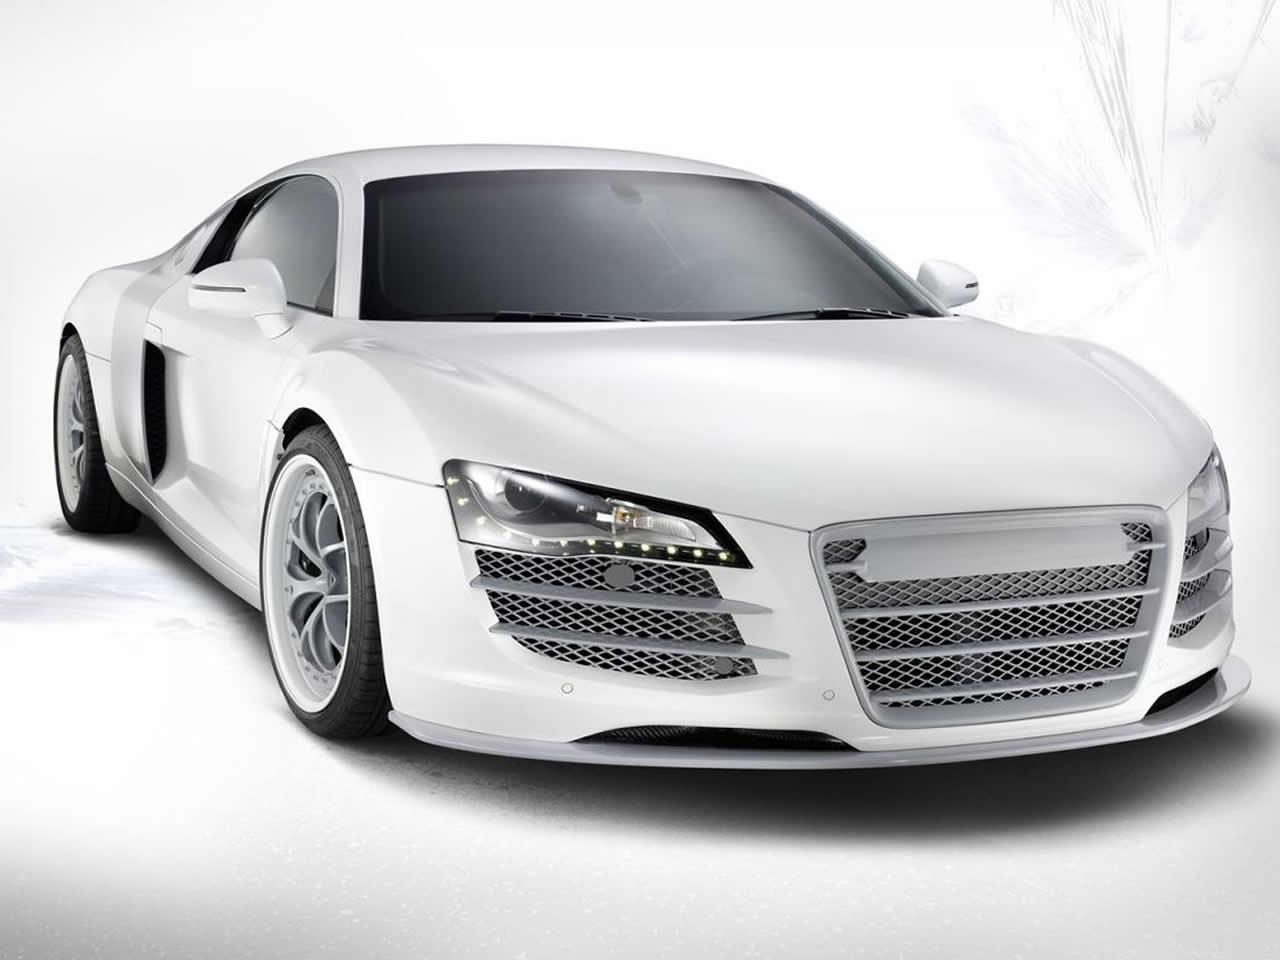 http://2.bp.blogspot.com/_vY3COZl9LT8/TRdZ_jM-N7I/AAAAAAAAFxs/3qBbCiBnXjE/s1600/2011-Eisenmann-Audi-R8-Spark-Eight-Front-Angle-View.jpg